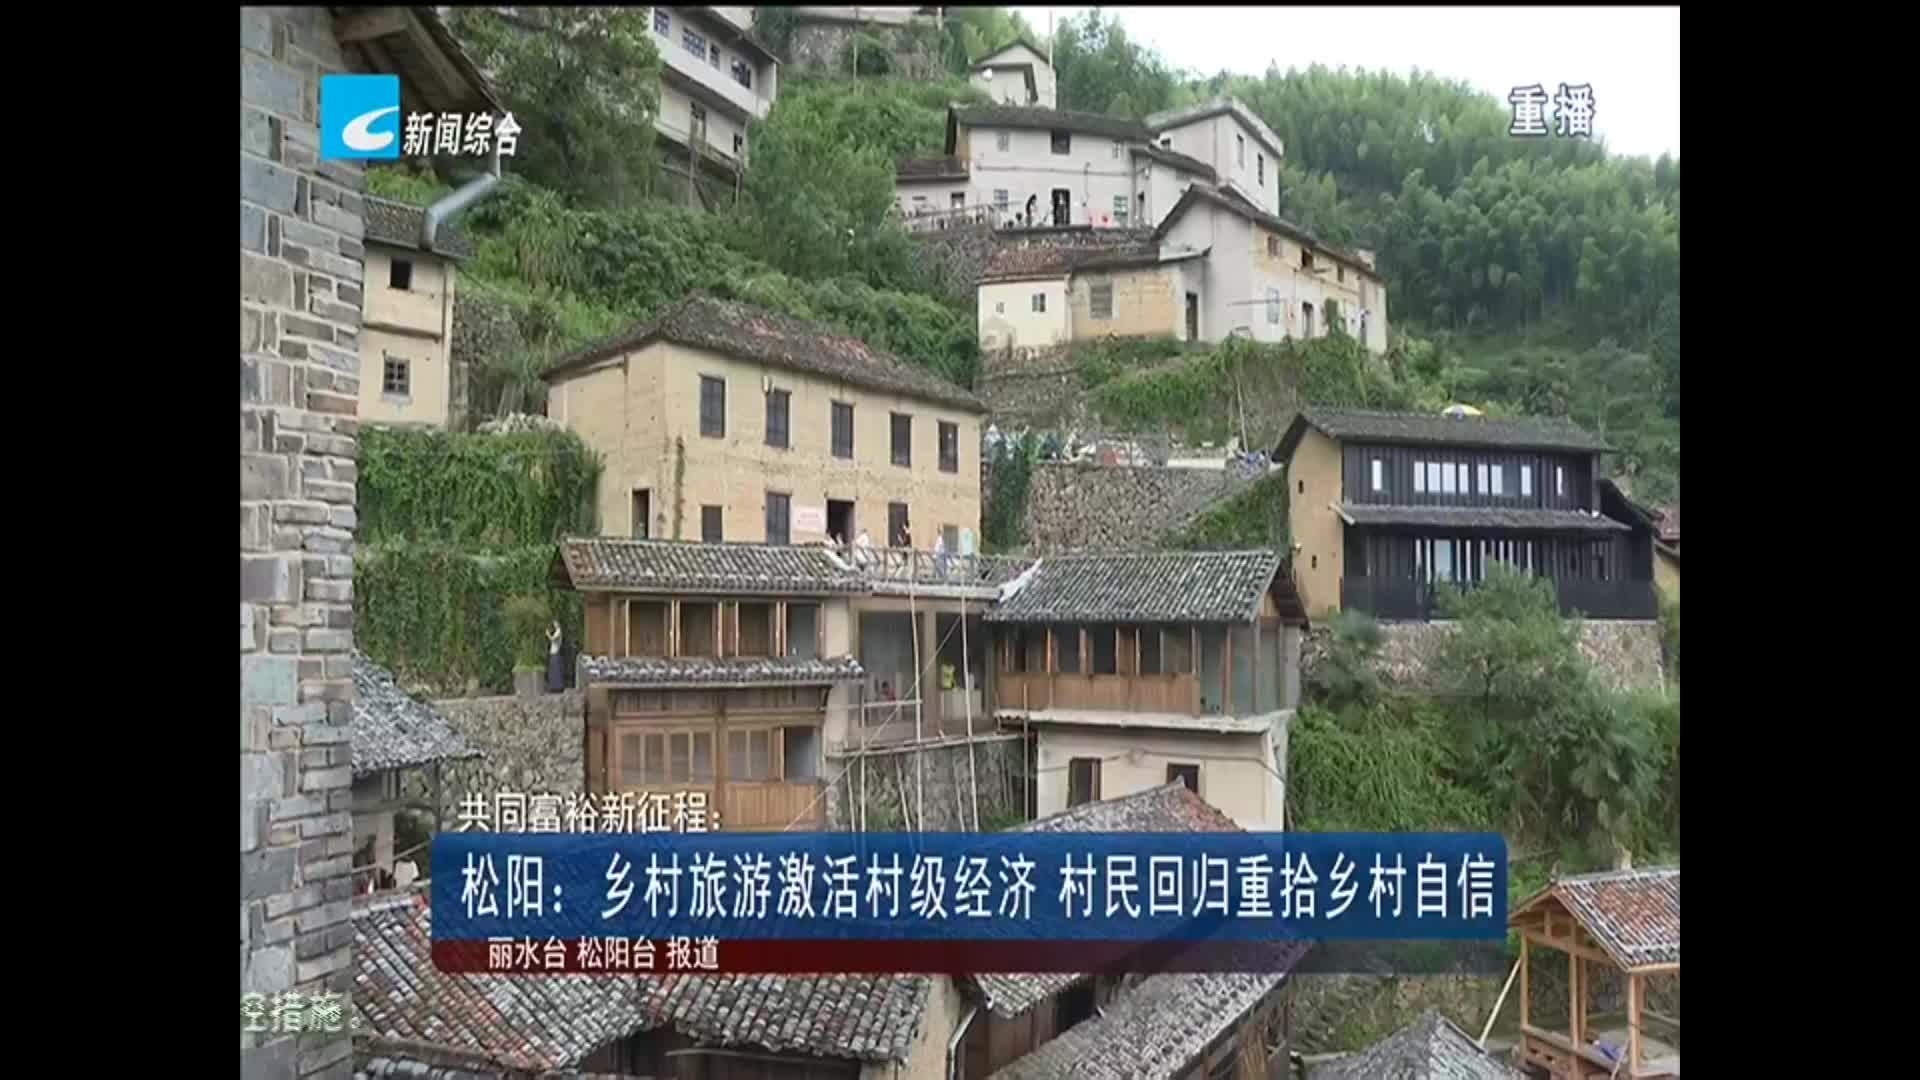 共同富裕新征程:松阳:乡村旅游激活村集体经济 村民回归重拾乡村自信